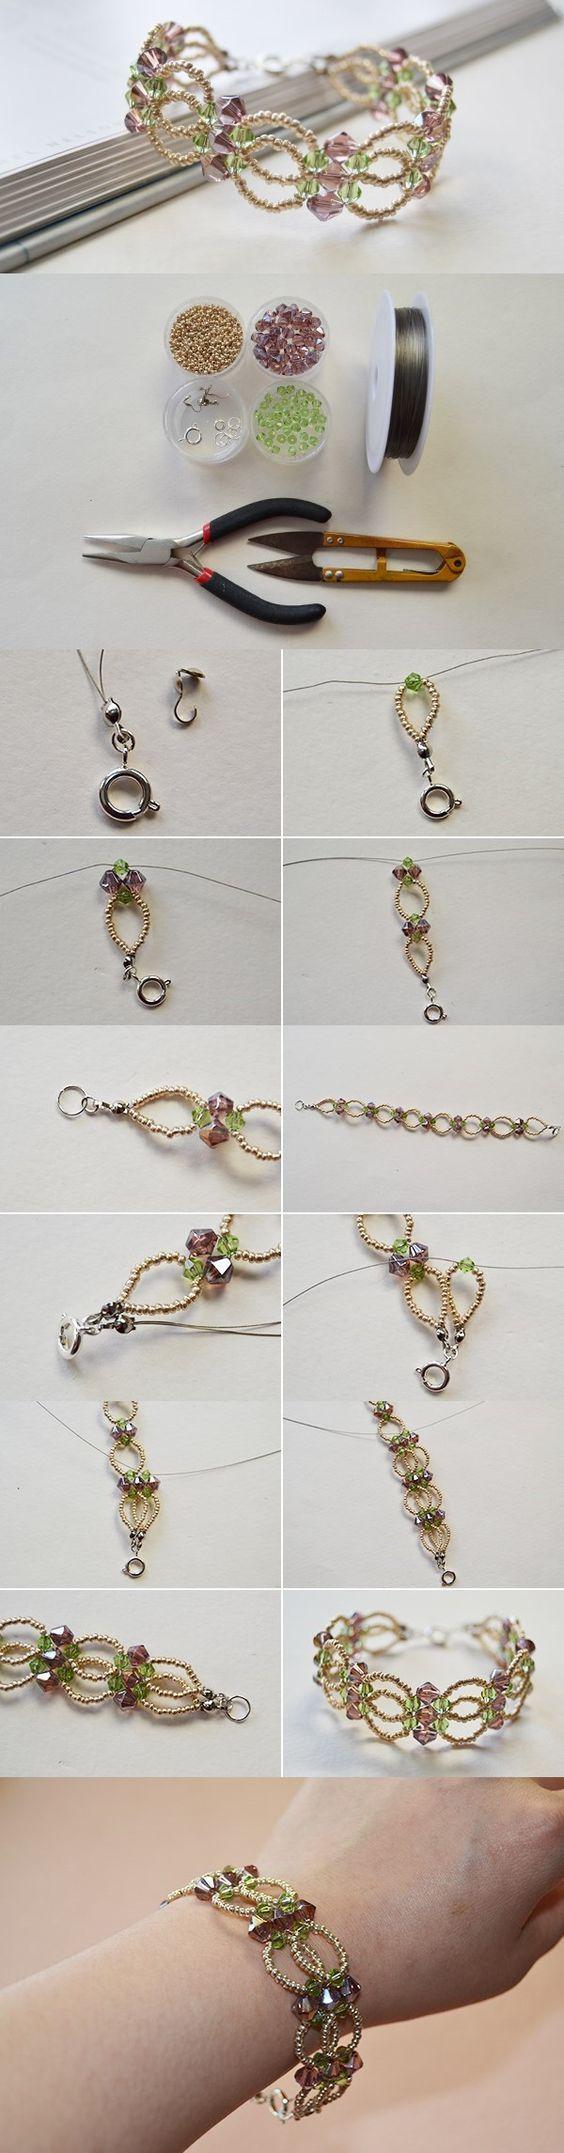 http://www.hijabiworld.com/old-bohemian-glass-jewelry/